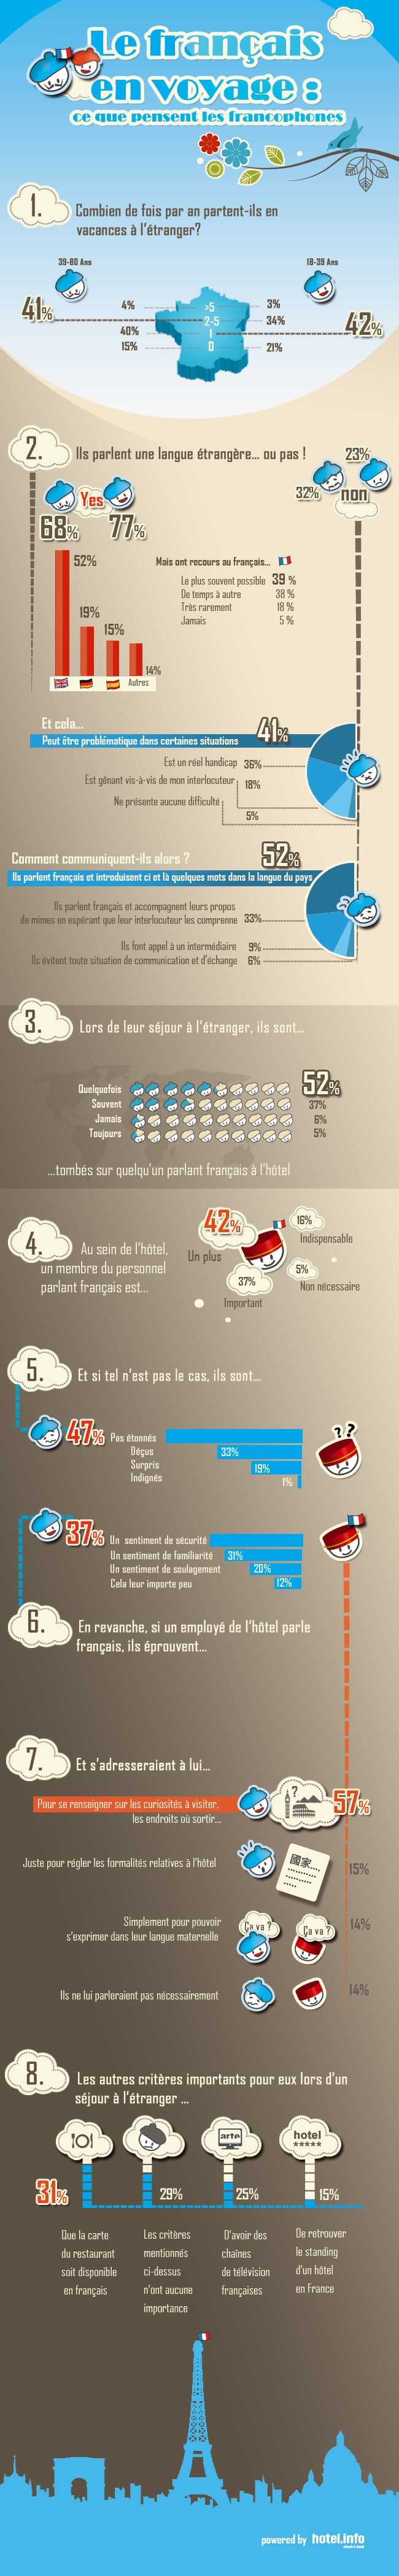 The infographic: Le français en voyage